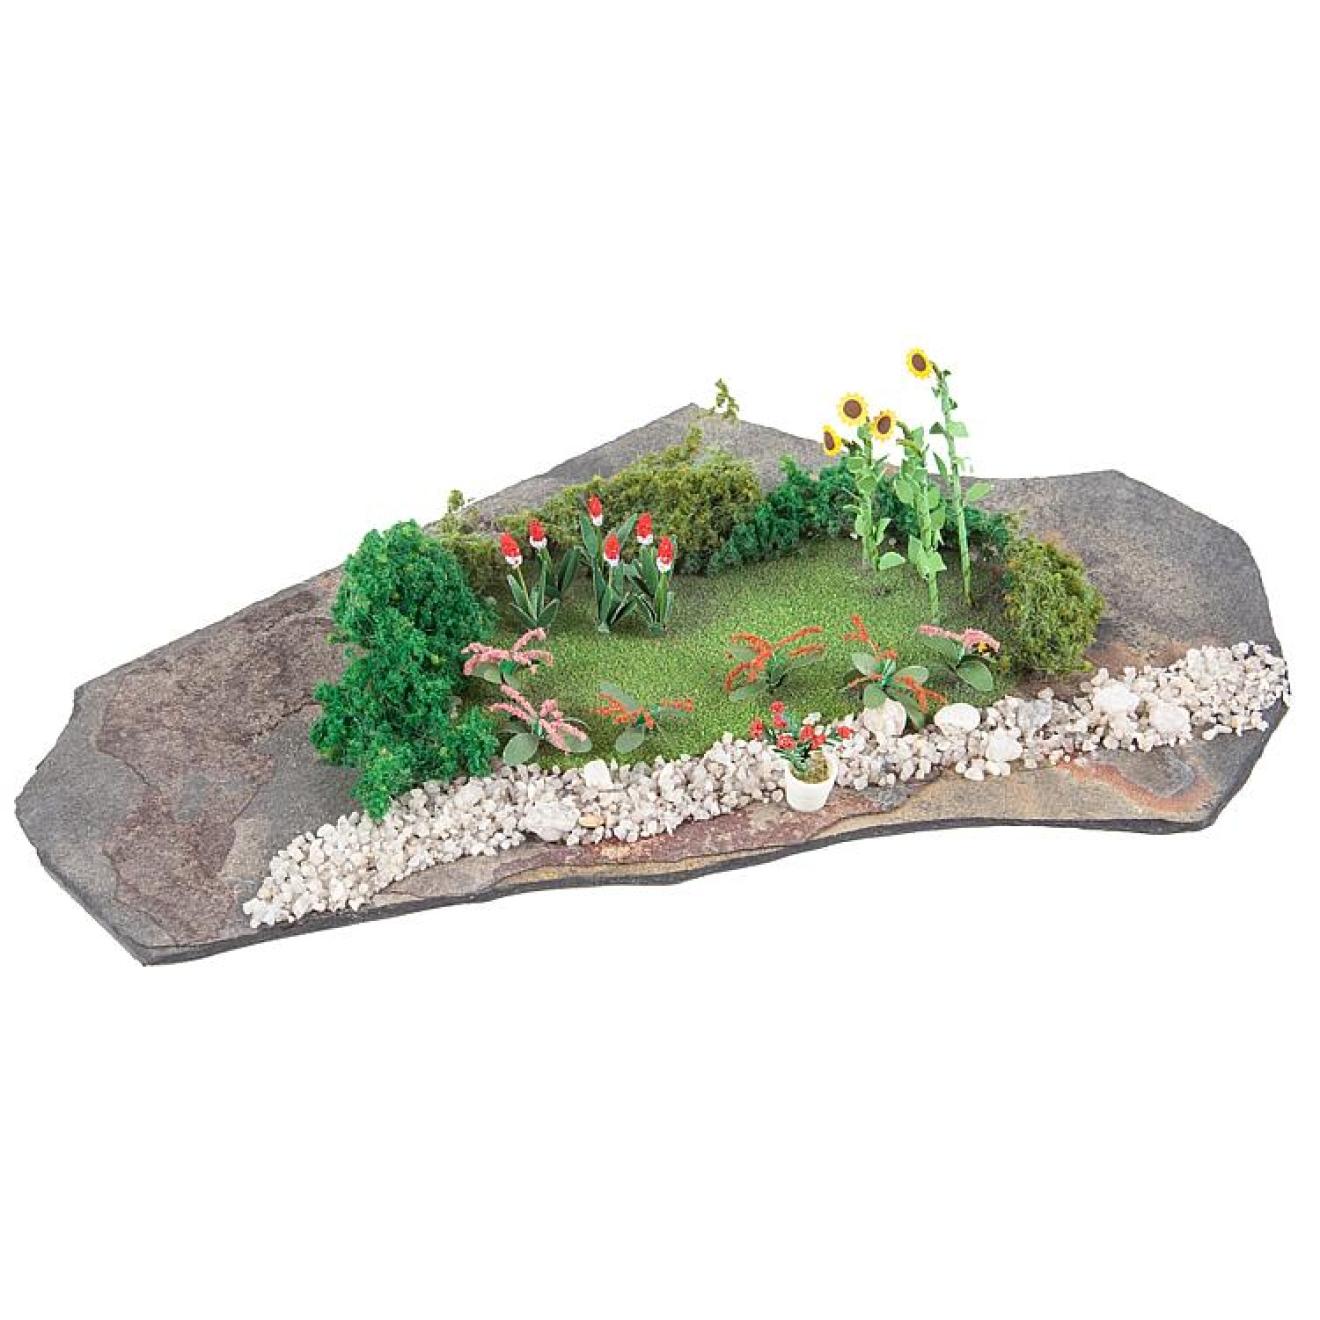 do it yourself mini diorama garten modellbau fischer g nstige modellbauartikel mit top service. Black Bedroom Furniture Sets. Home Design Ideas